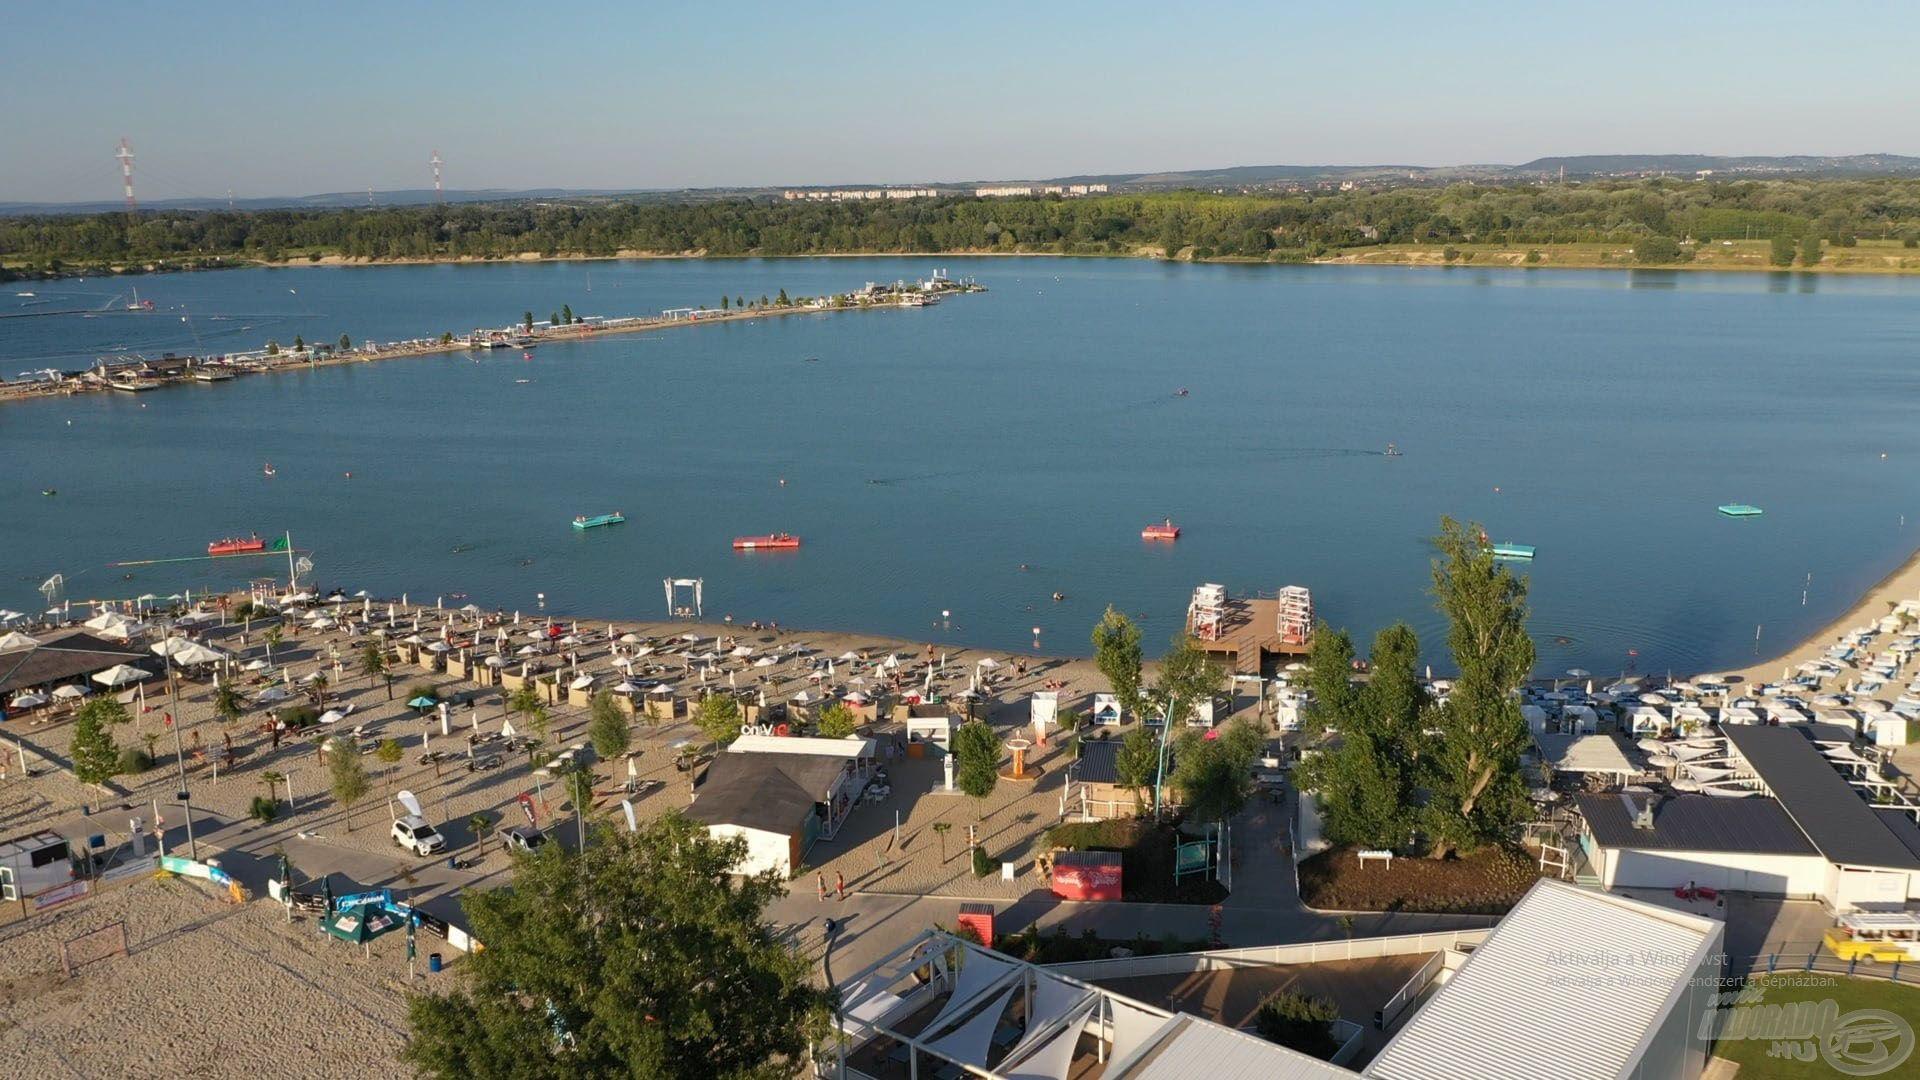 A Lupa-tó Budapest tengerpartja, amely számos vízi sporttal és élménnyel várja az ide látogatókat